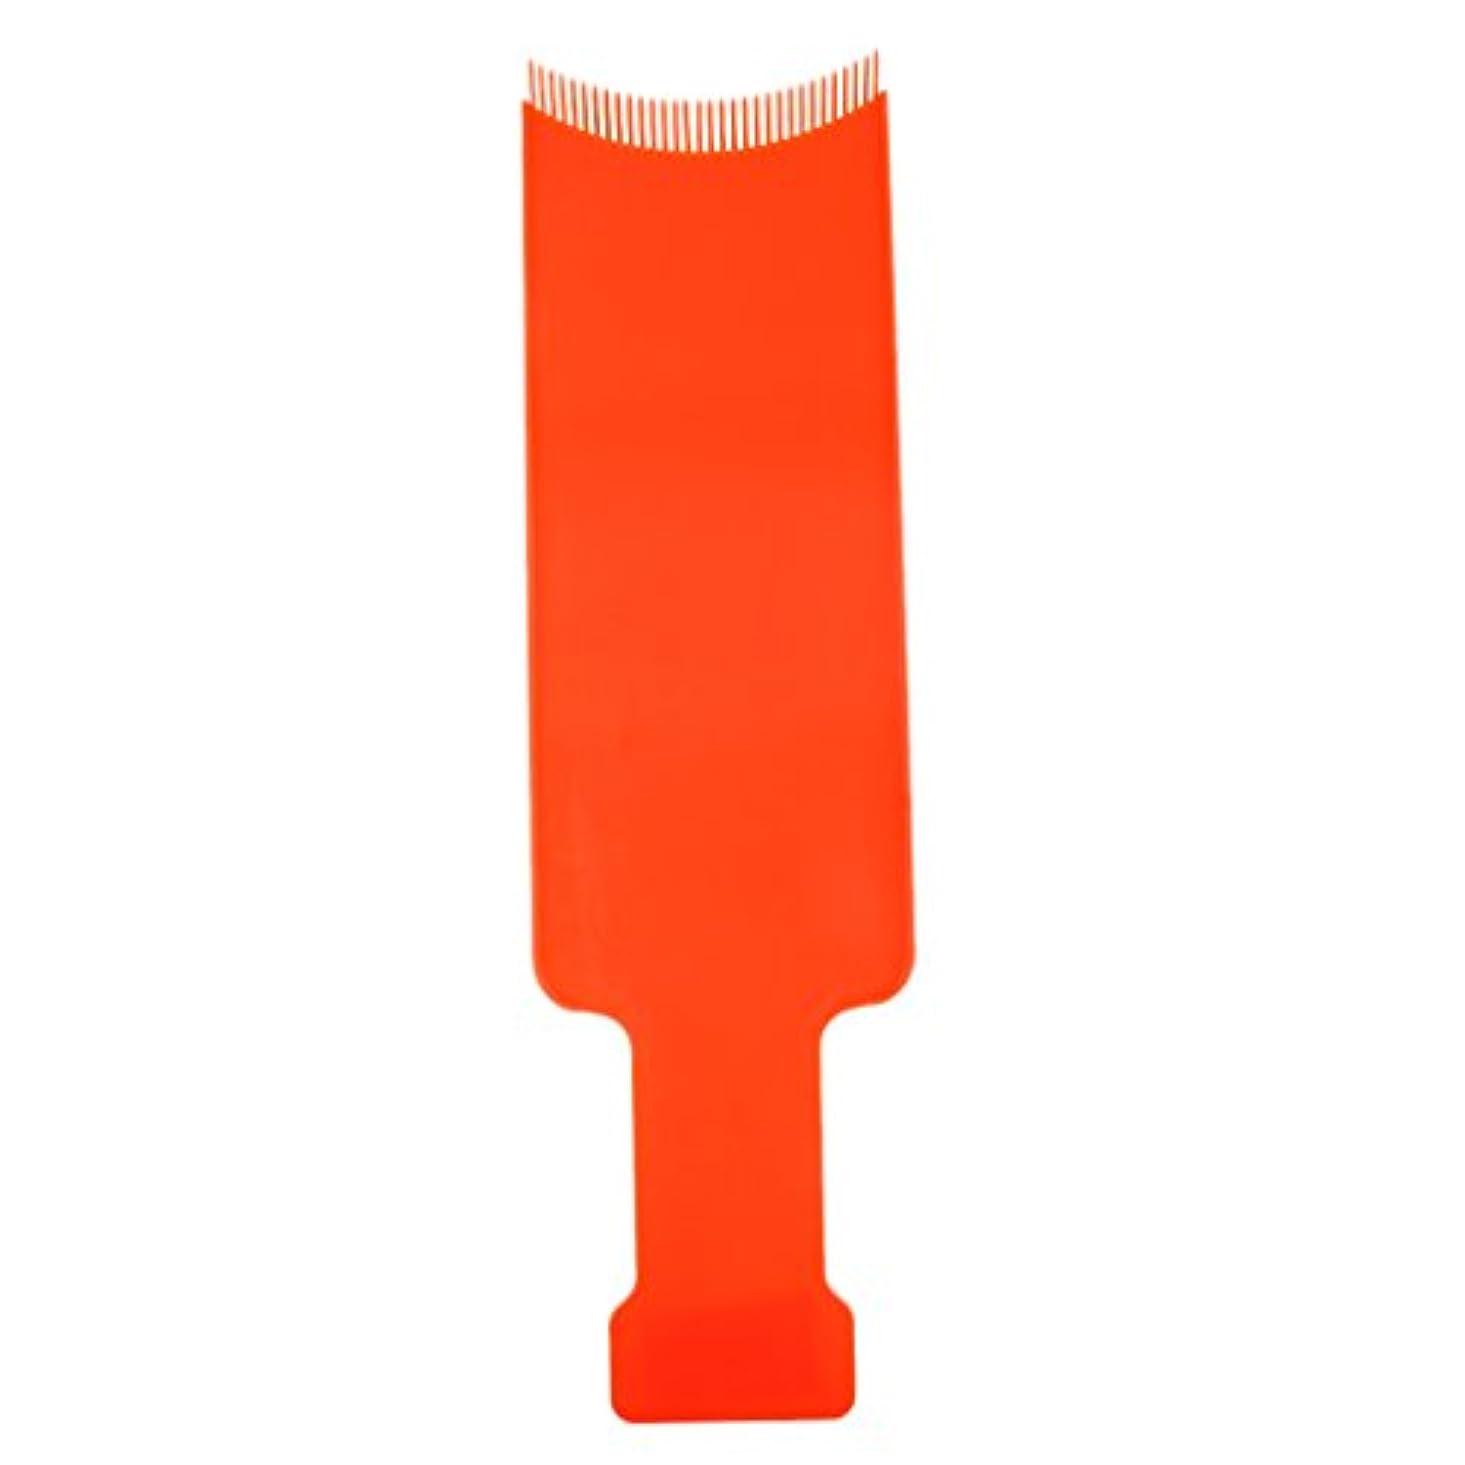 騒ぎ栄光のきらめき染色櫛プレート 染めボード 髪を染め 頭皮保護 着色ボード ヘアブラシ ヘアコーム ヘアカラー 櫛 2サイズ2色選べる - オレンジ, L